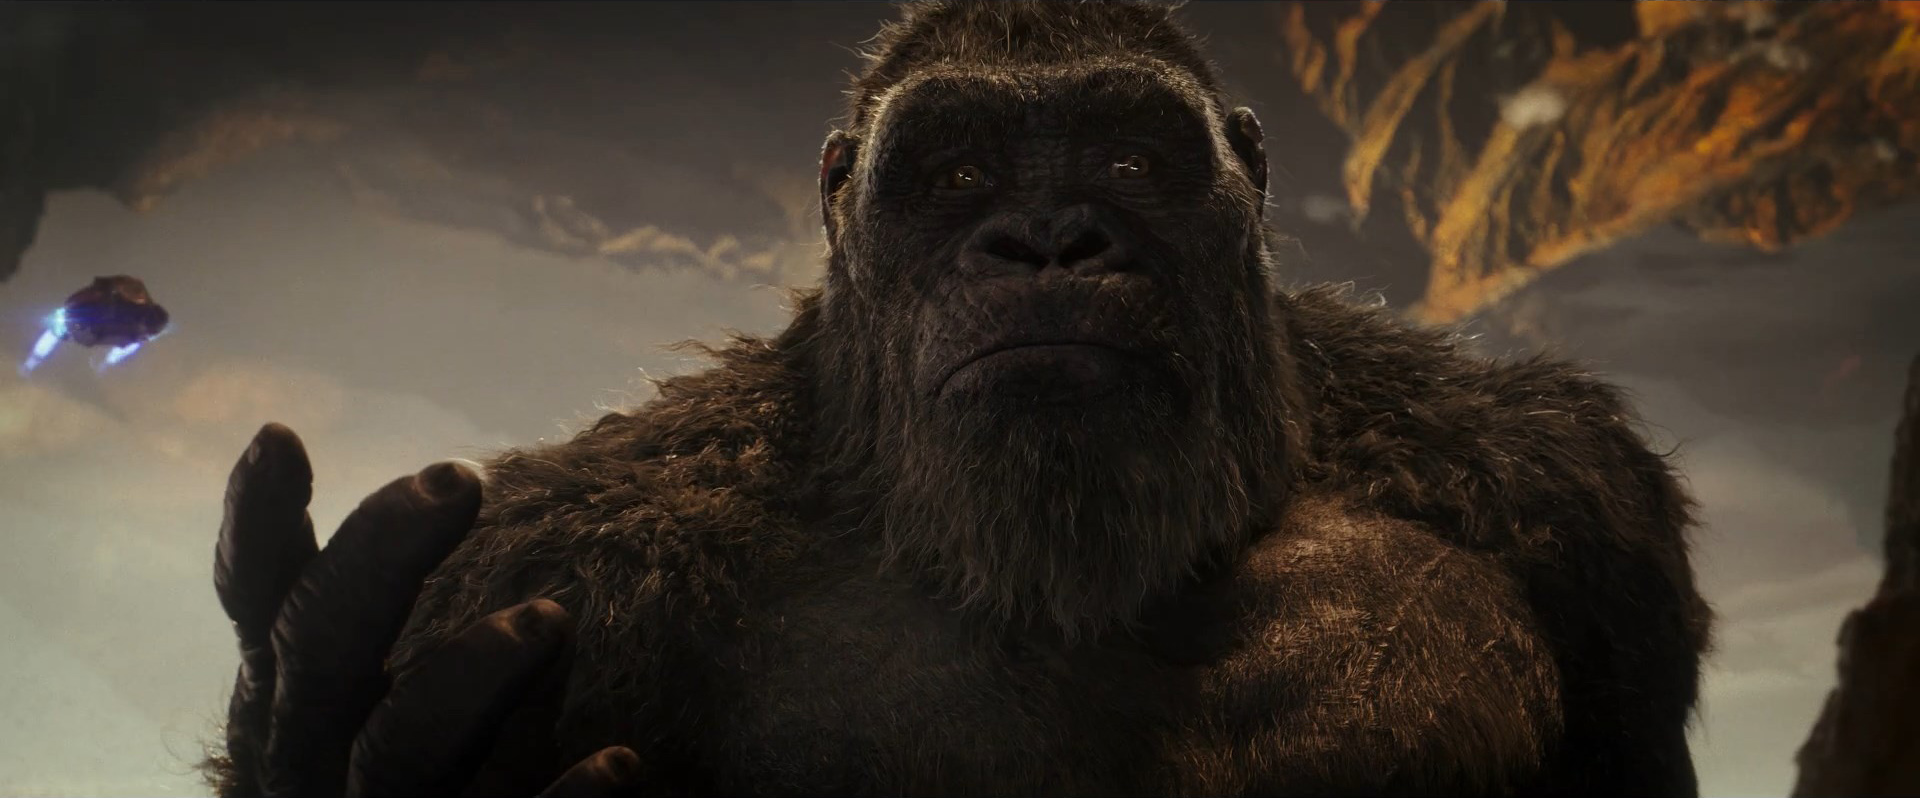 Godzilla vs Kong Trailer Still 62 - Kong emotional